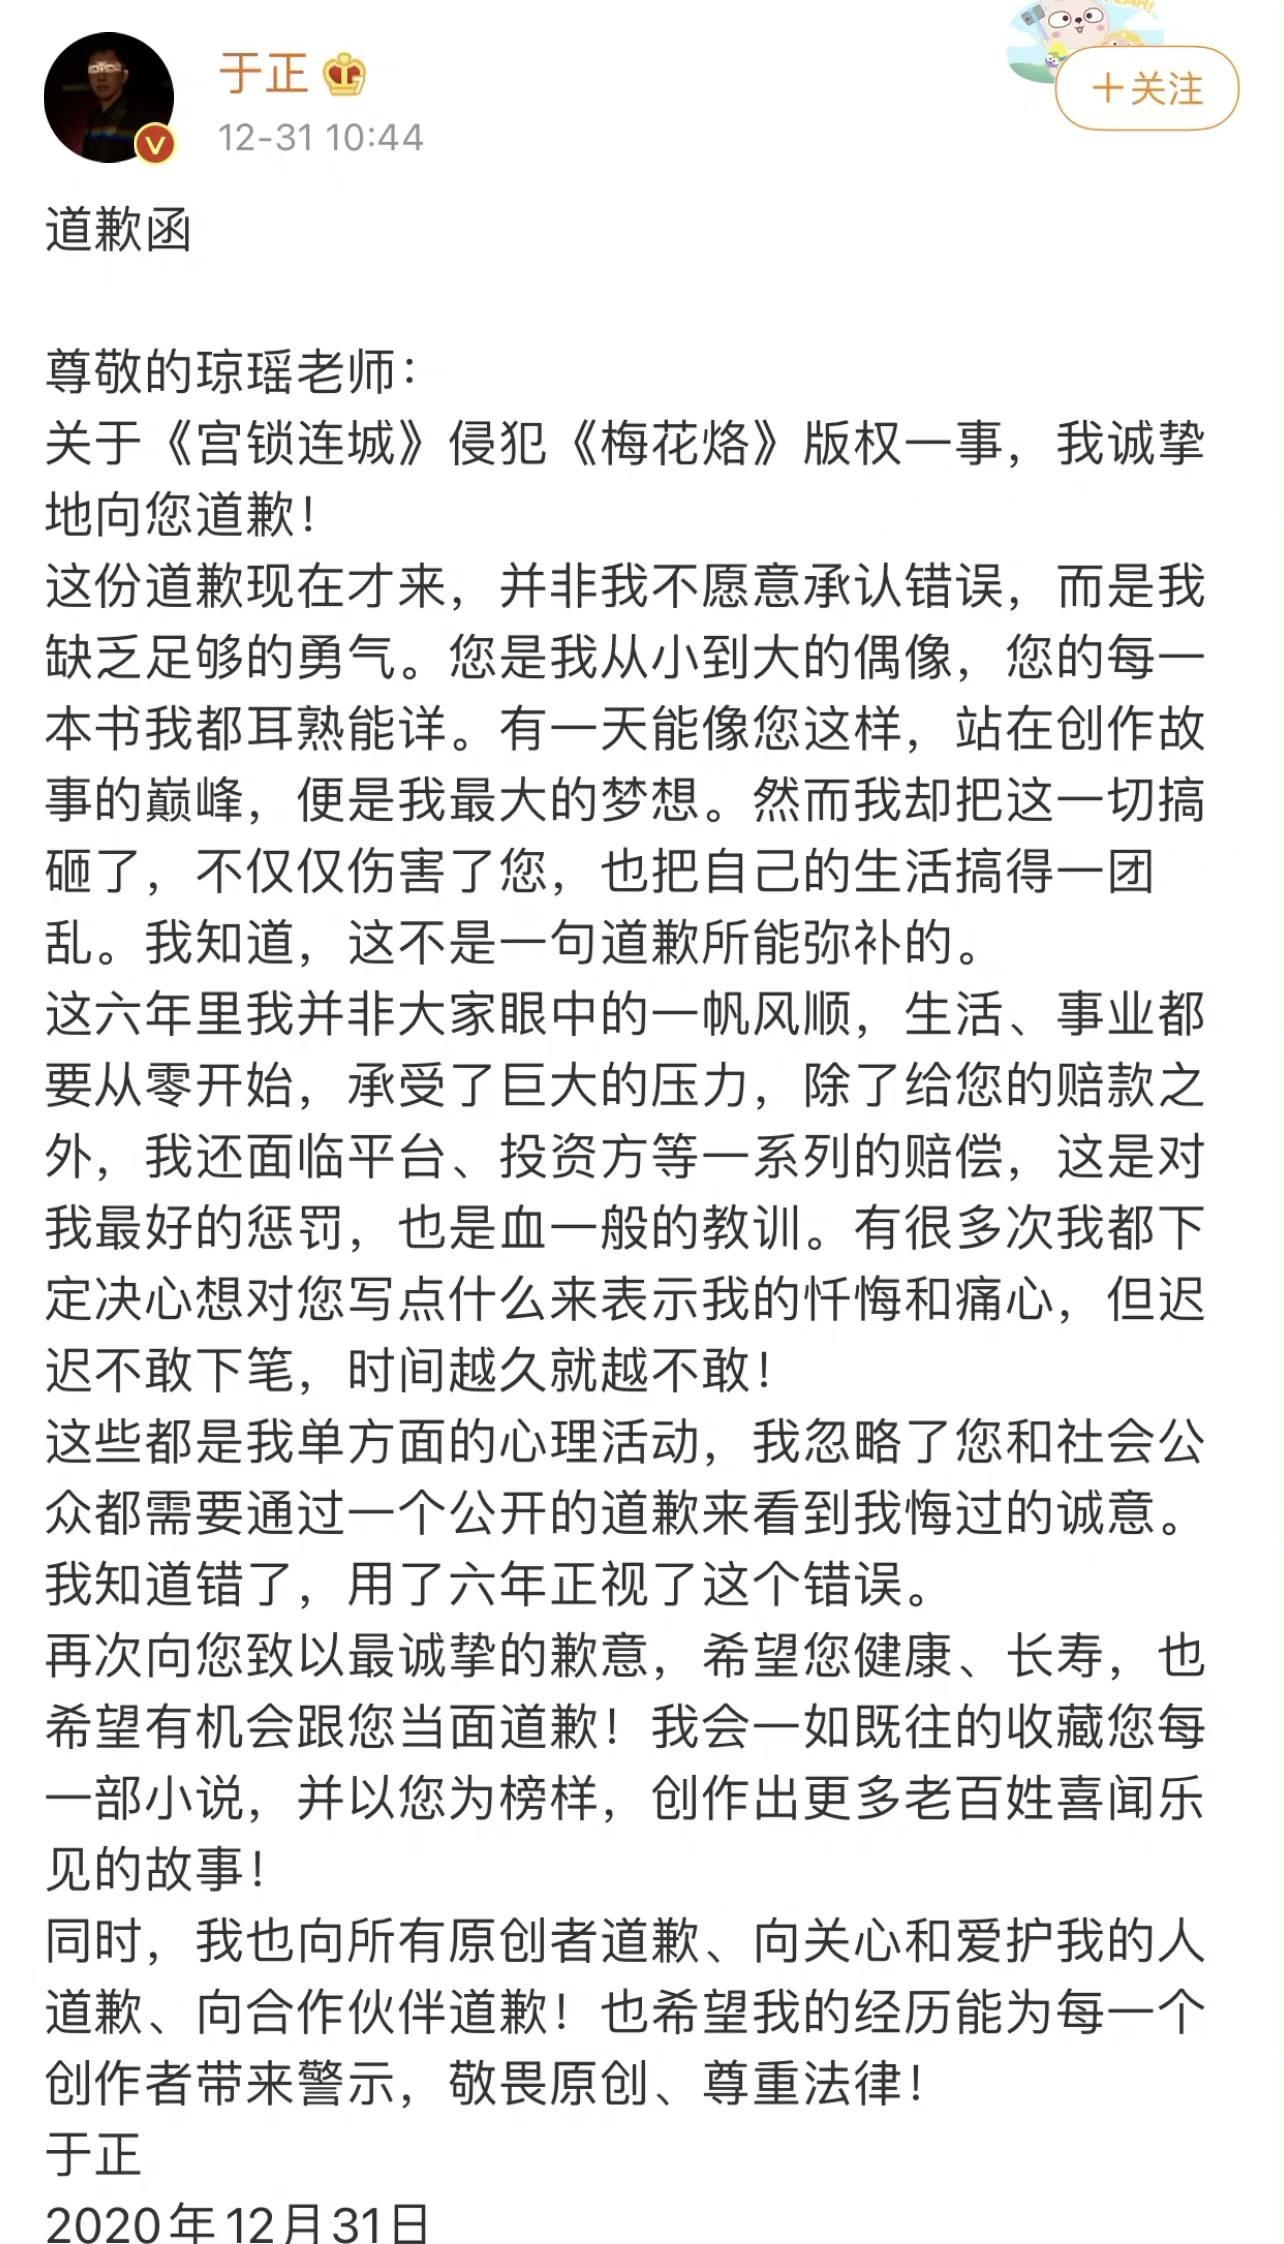 真心悔过?继郭敬明后,于正向琼瑶道歉!庄羽接受并建议成立反剽窃基金  第6张